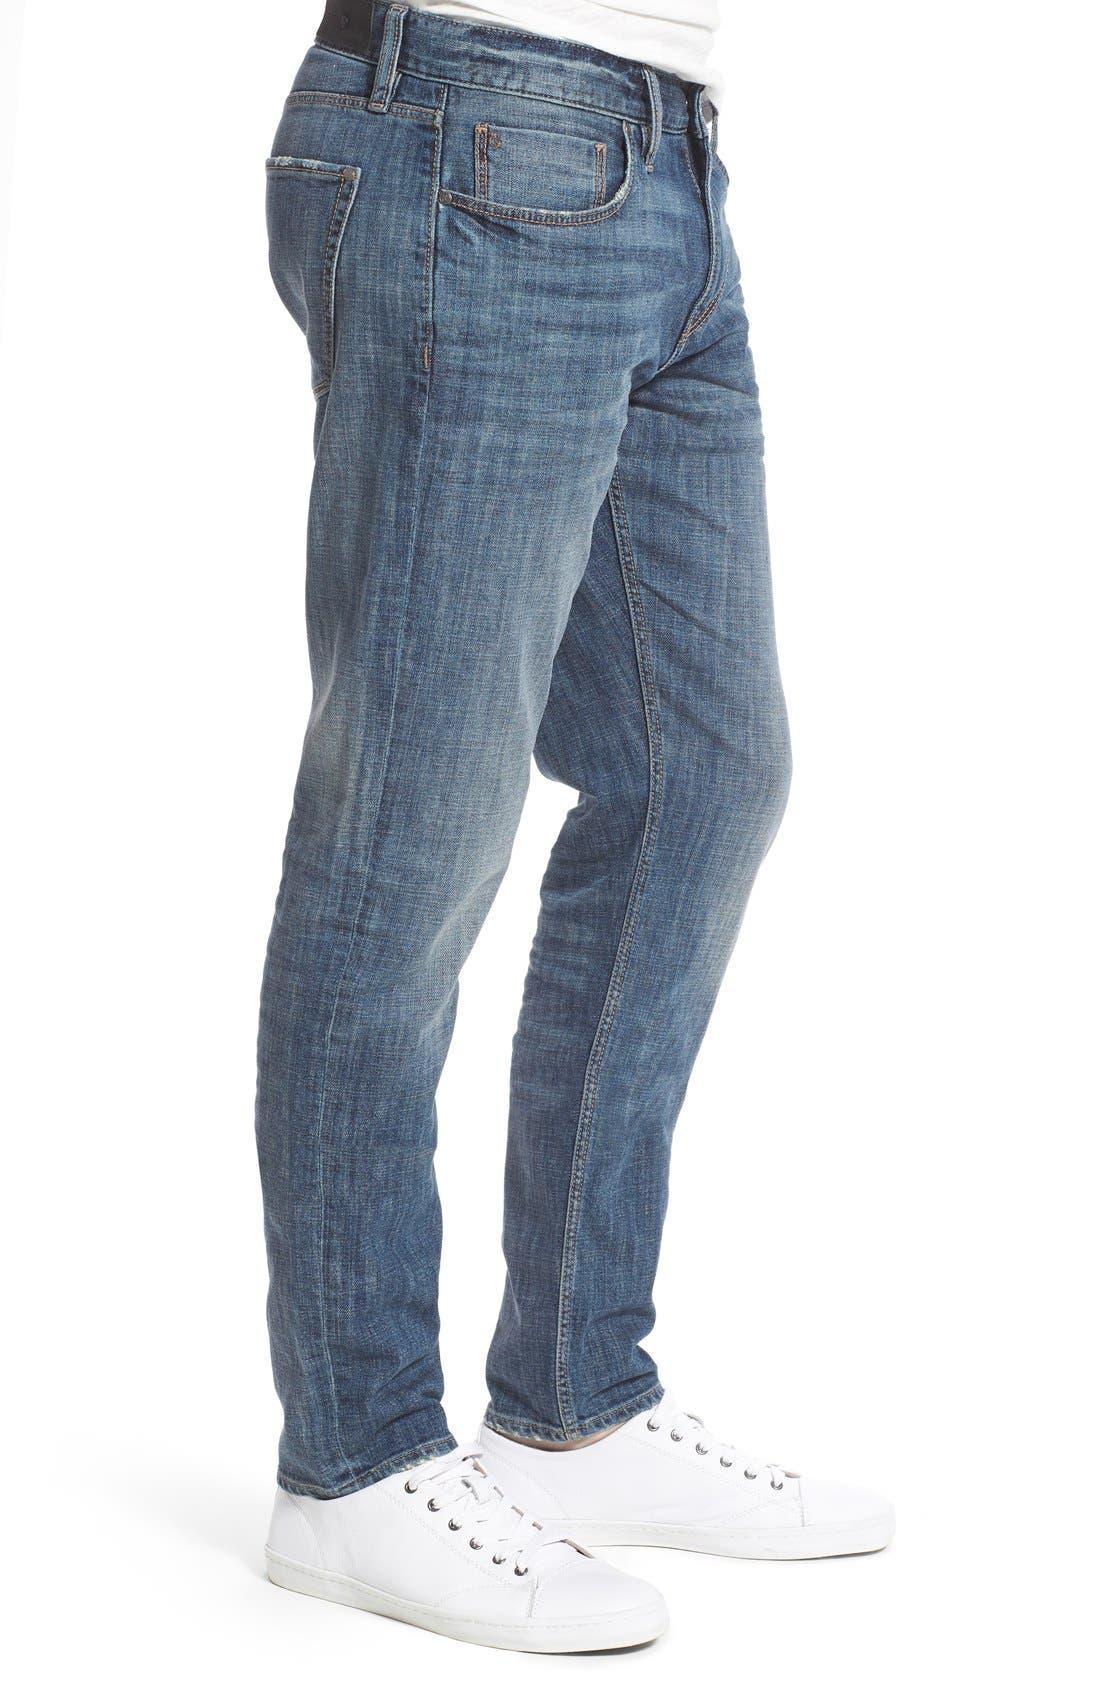 Alternate Image 3  - Treasure&Bond Slim Fit Jeans (Medium Twilight Wash)